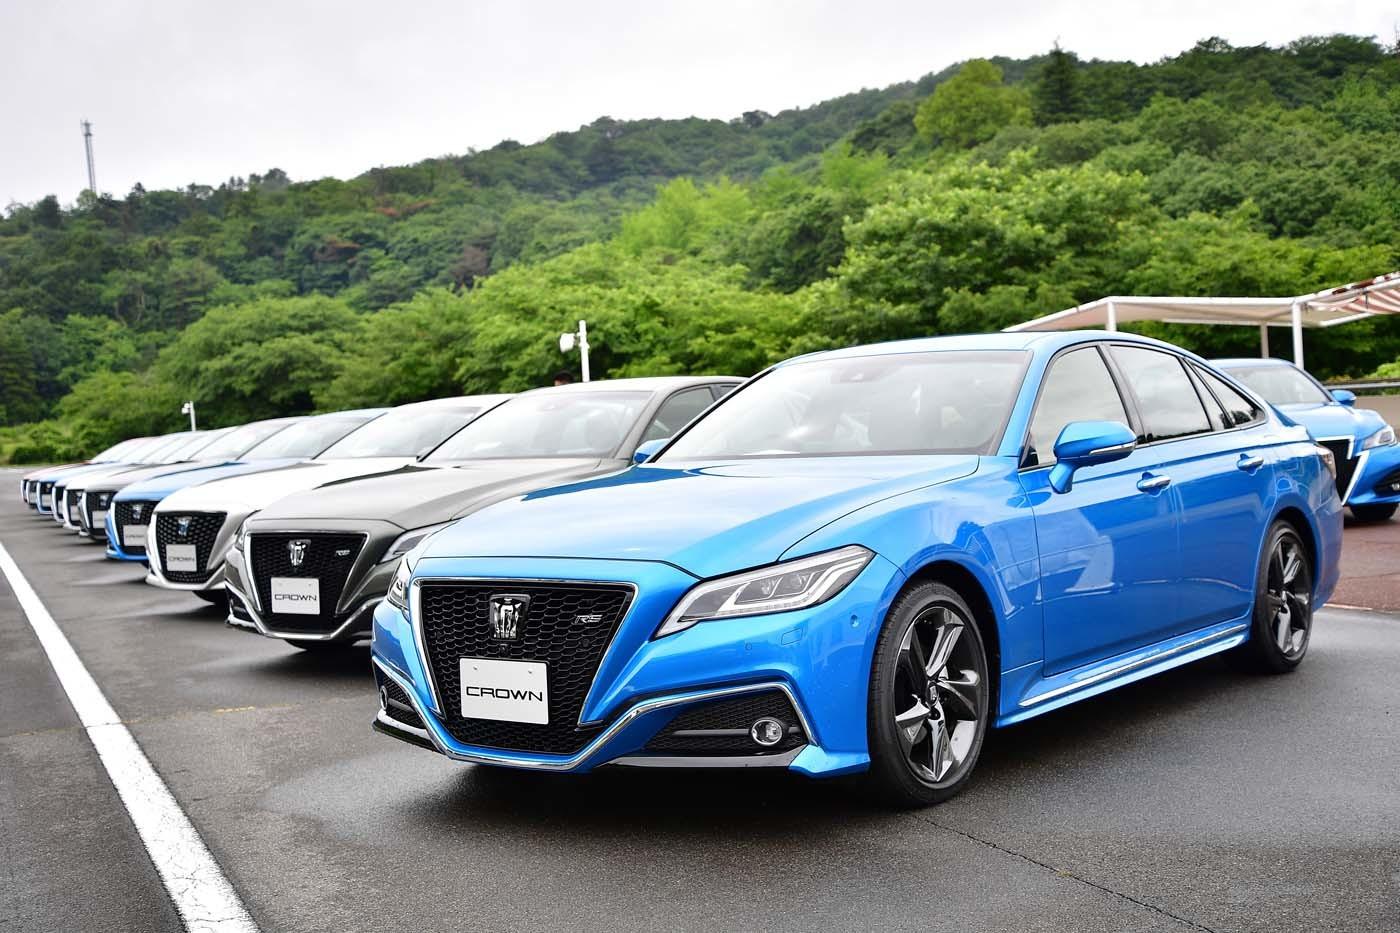 「徳川幕府にならないように」トヨタ新型クラウン15代目の挑戦